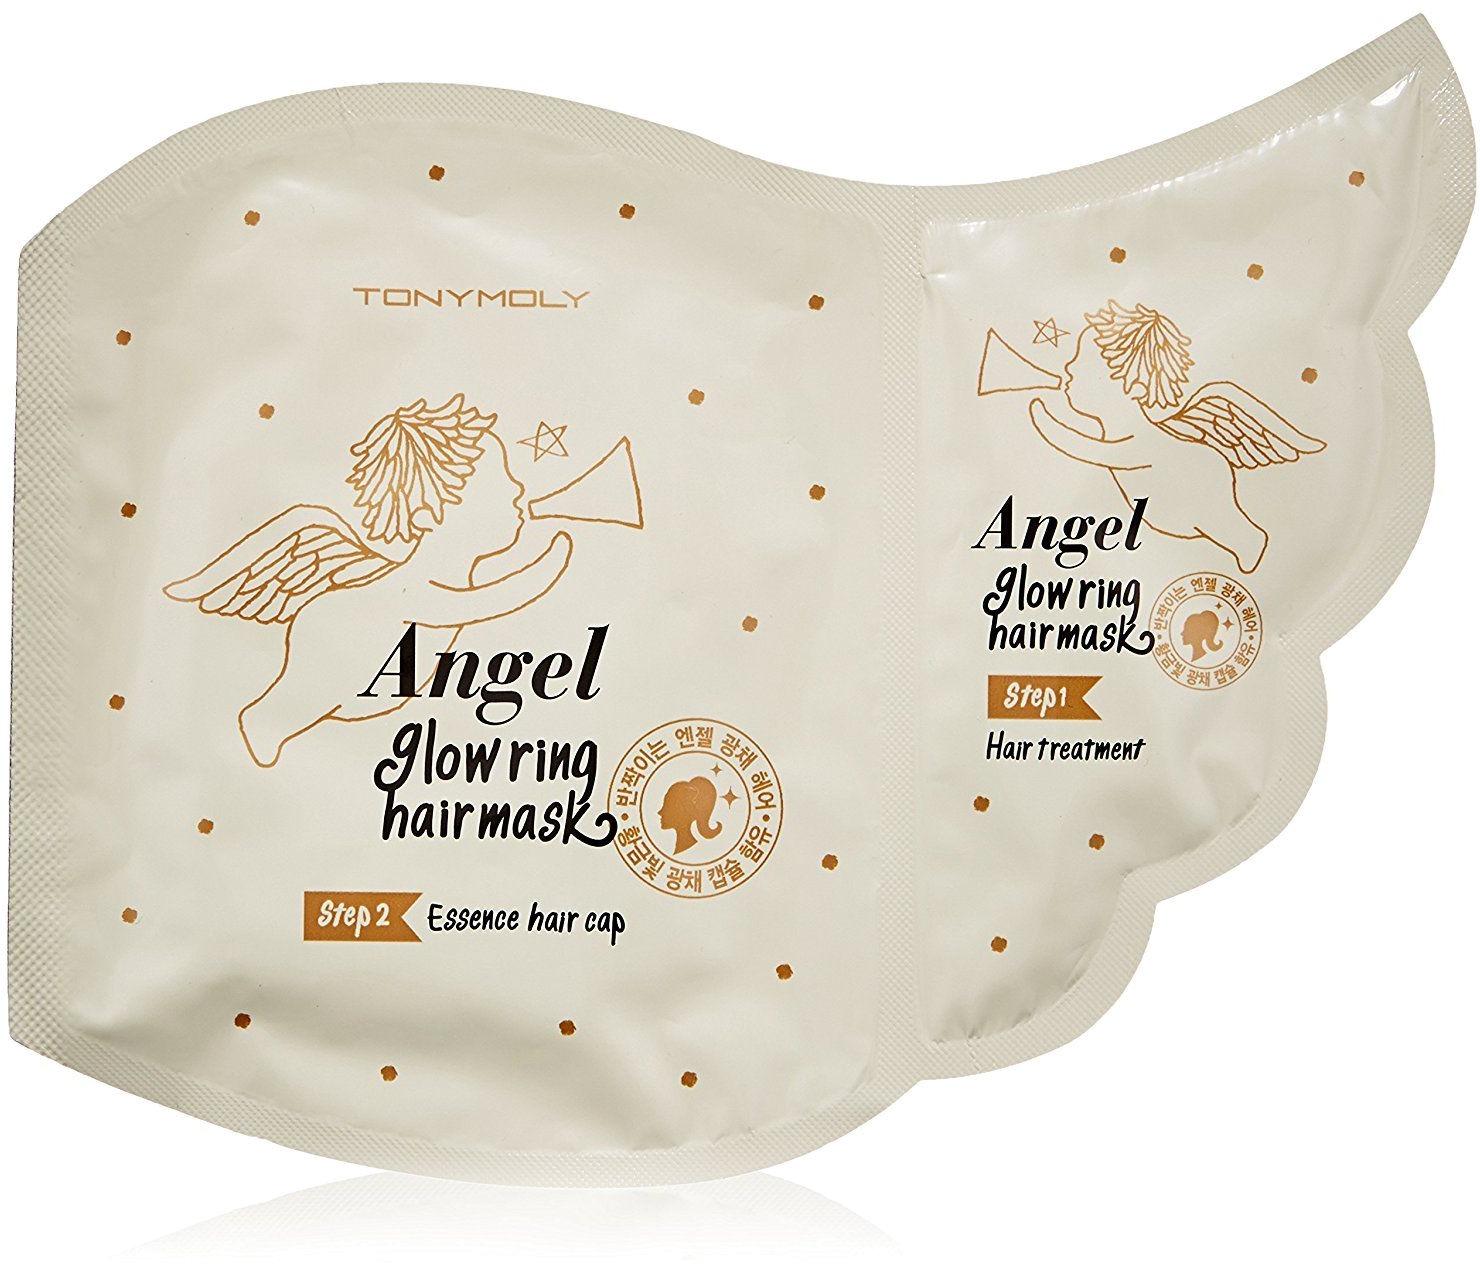 Tony Moly Angel Glowring Hair Mask